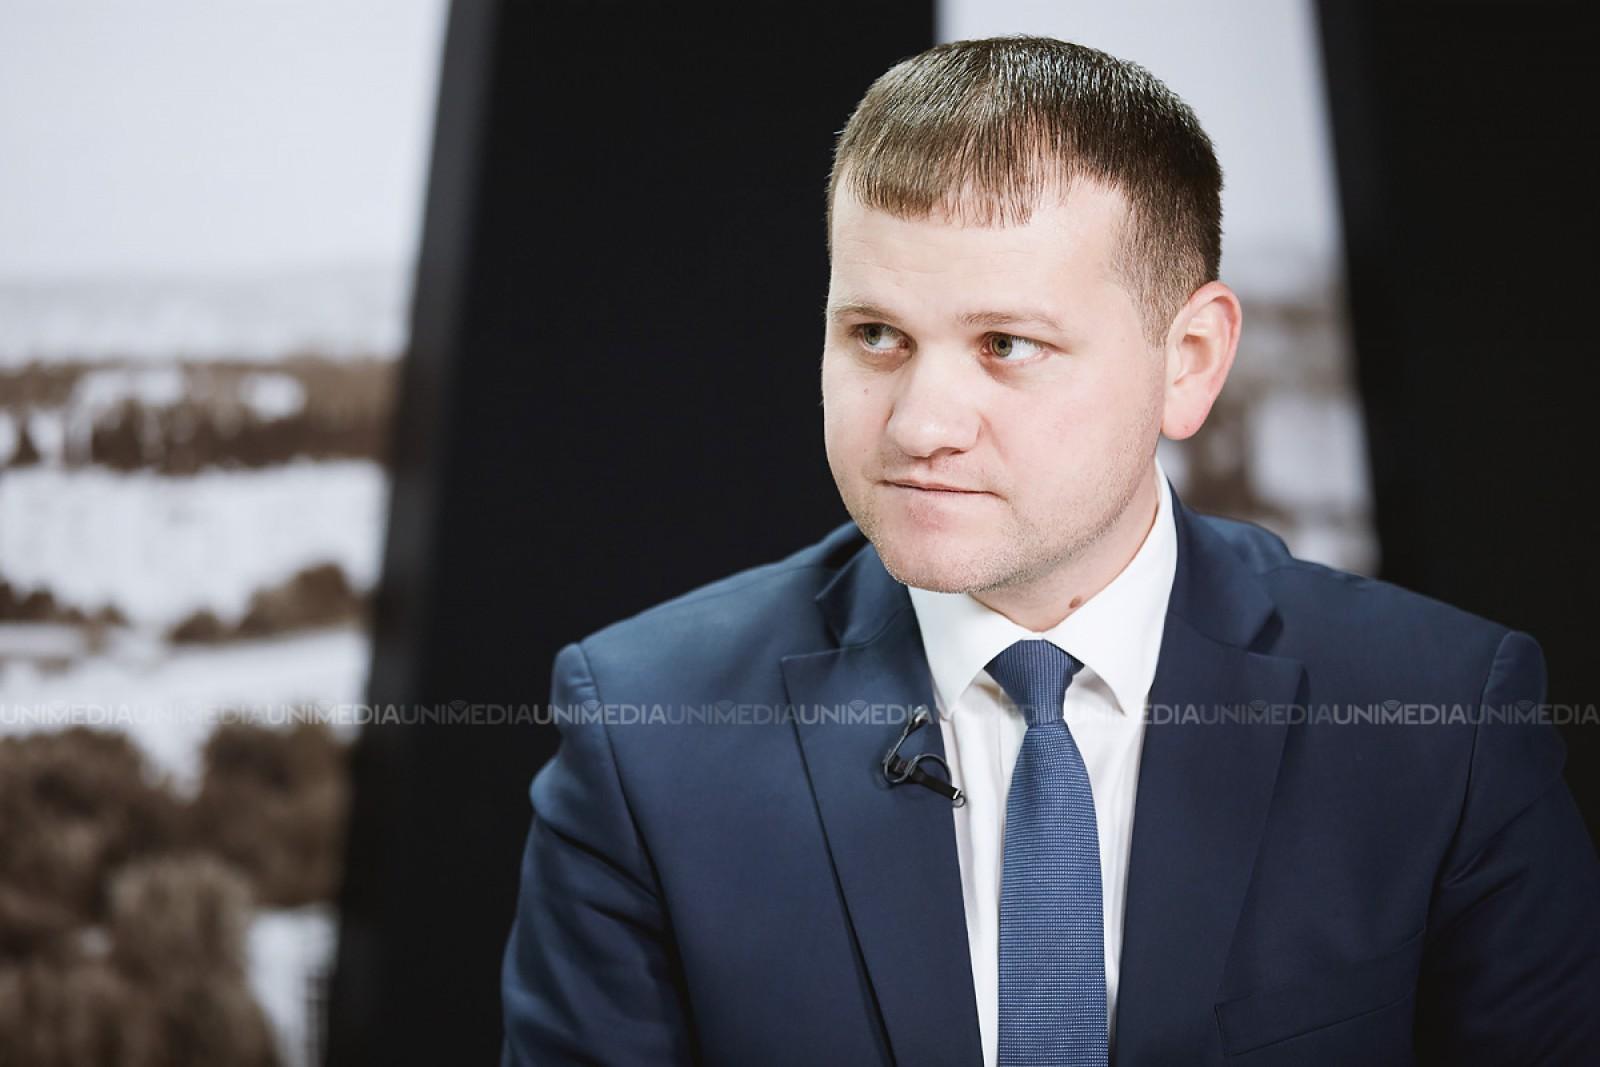 """(video) Valeriu Munteanu l-a provocat la dezbateri electorale pe candidatul Platformei DA, Andrei Năstase: """"Dacă el se simte mai confortabil la Jurnal TV, eu accept să vin acolo"""""""